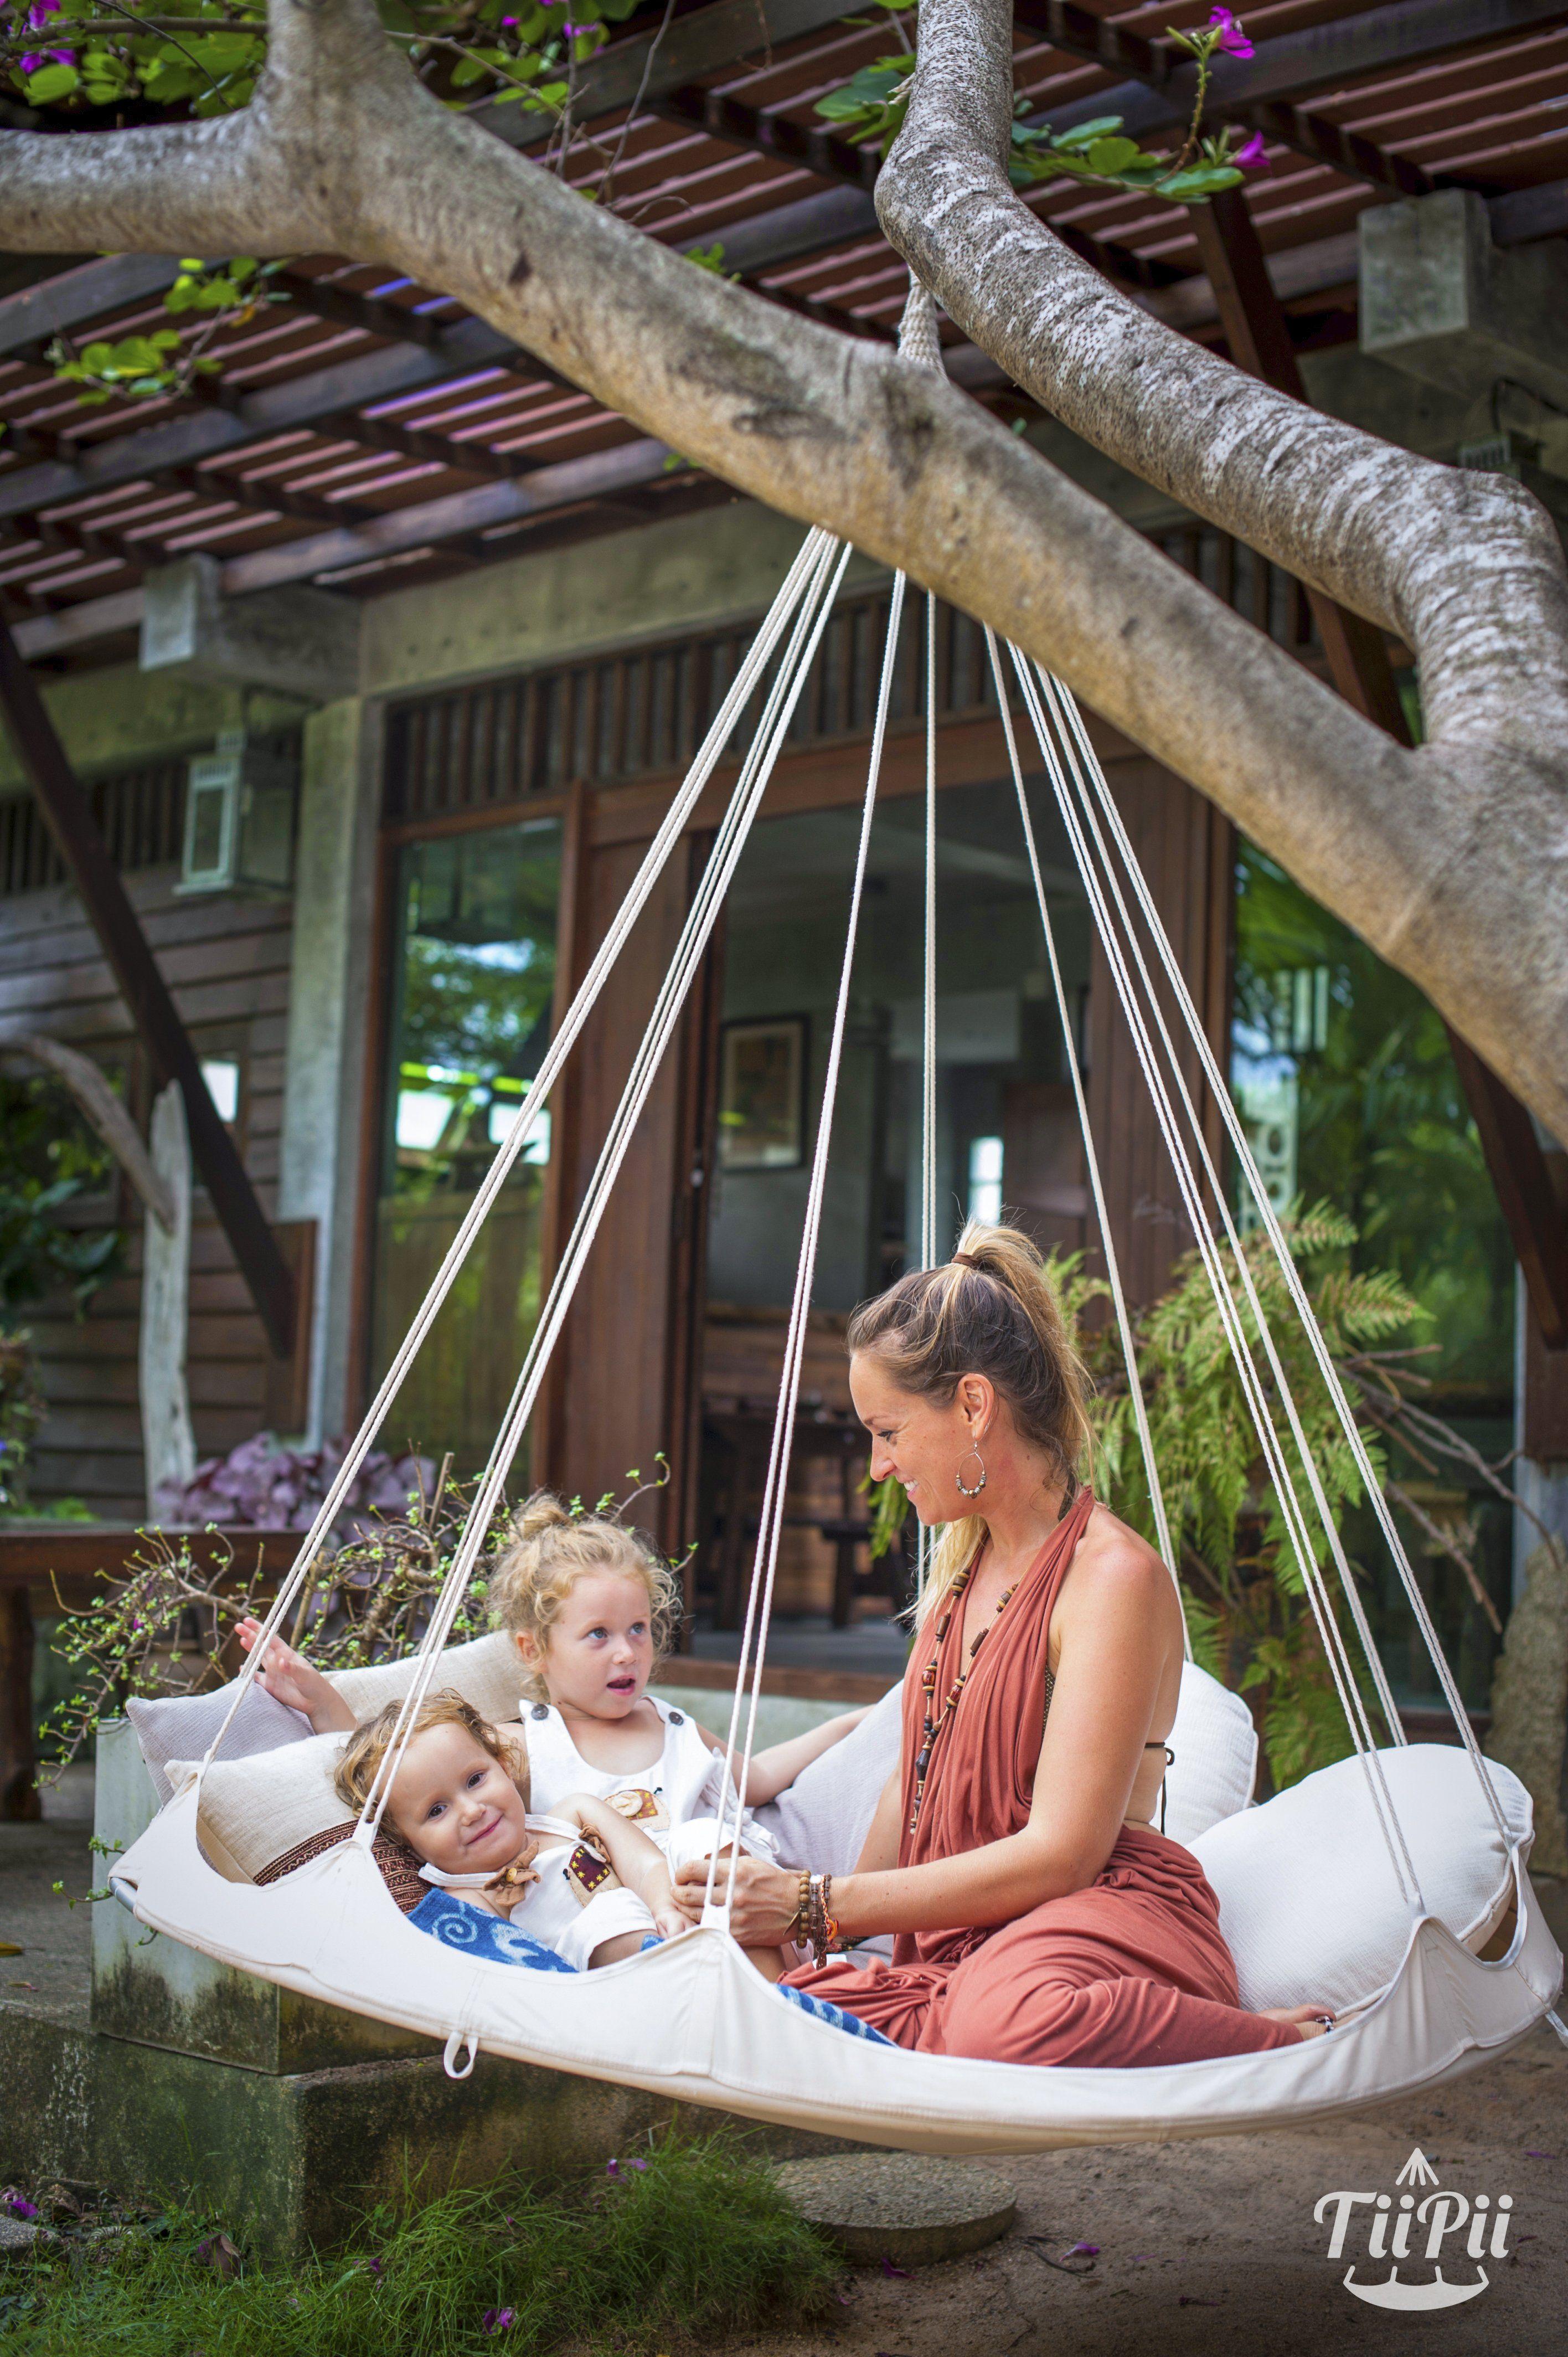 Fancy tiipii bed hammock bed outdoor living pinterest